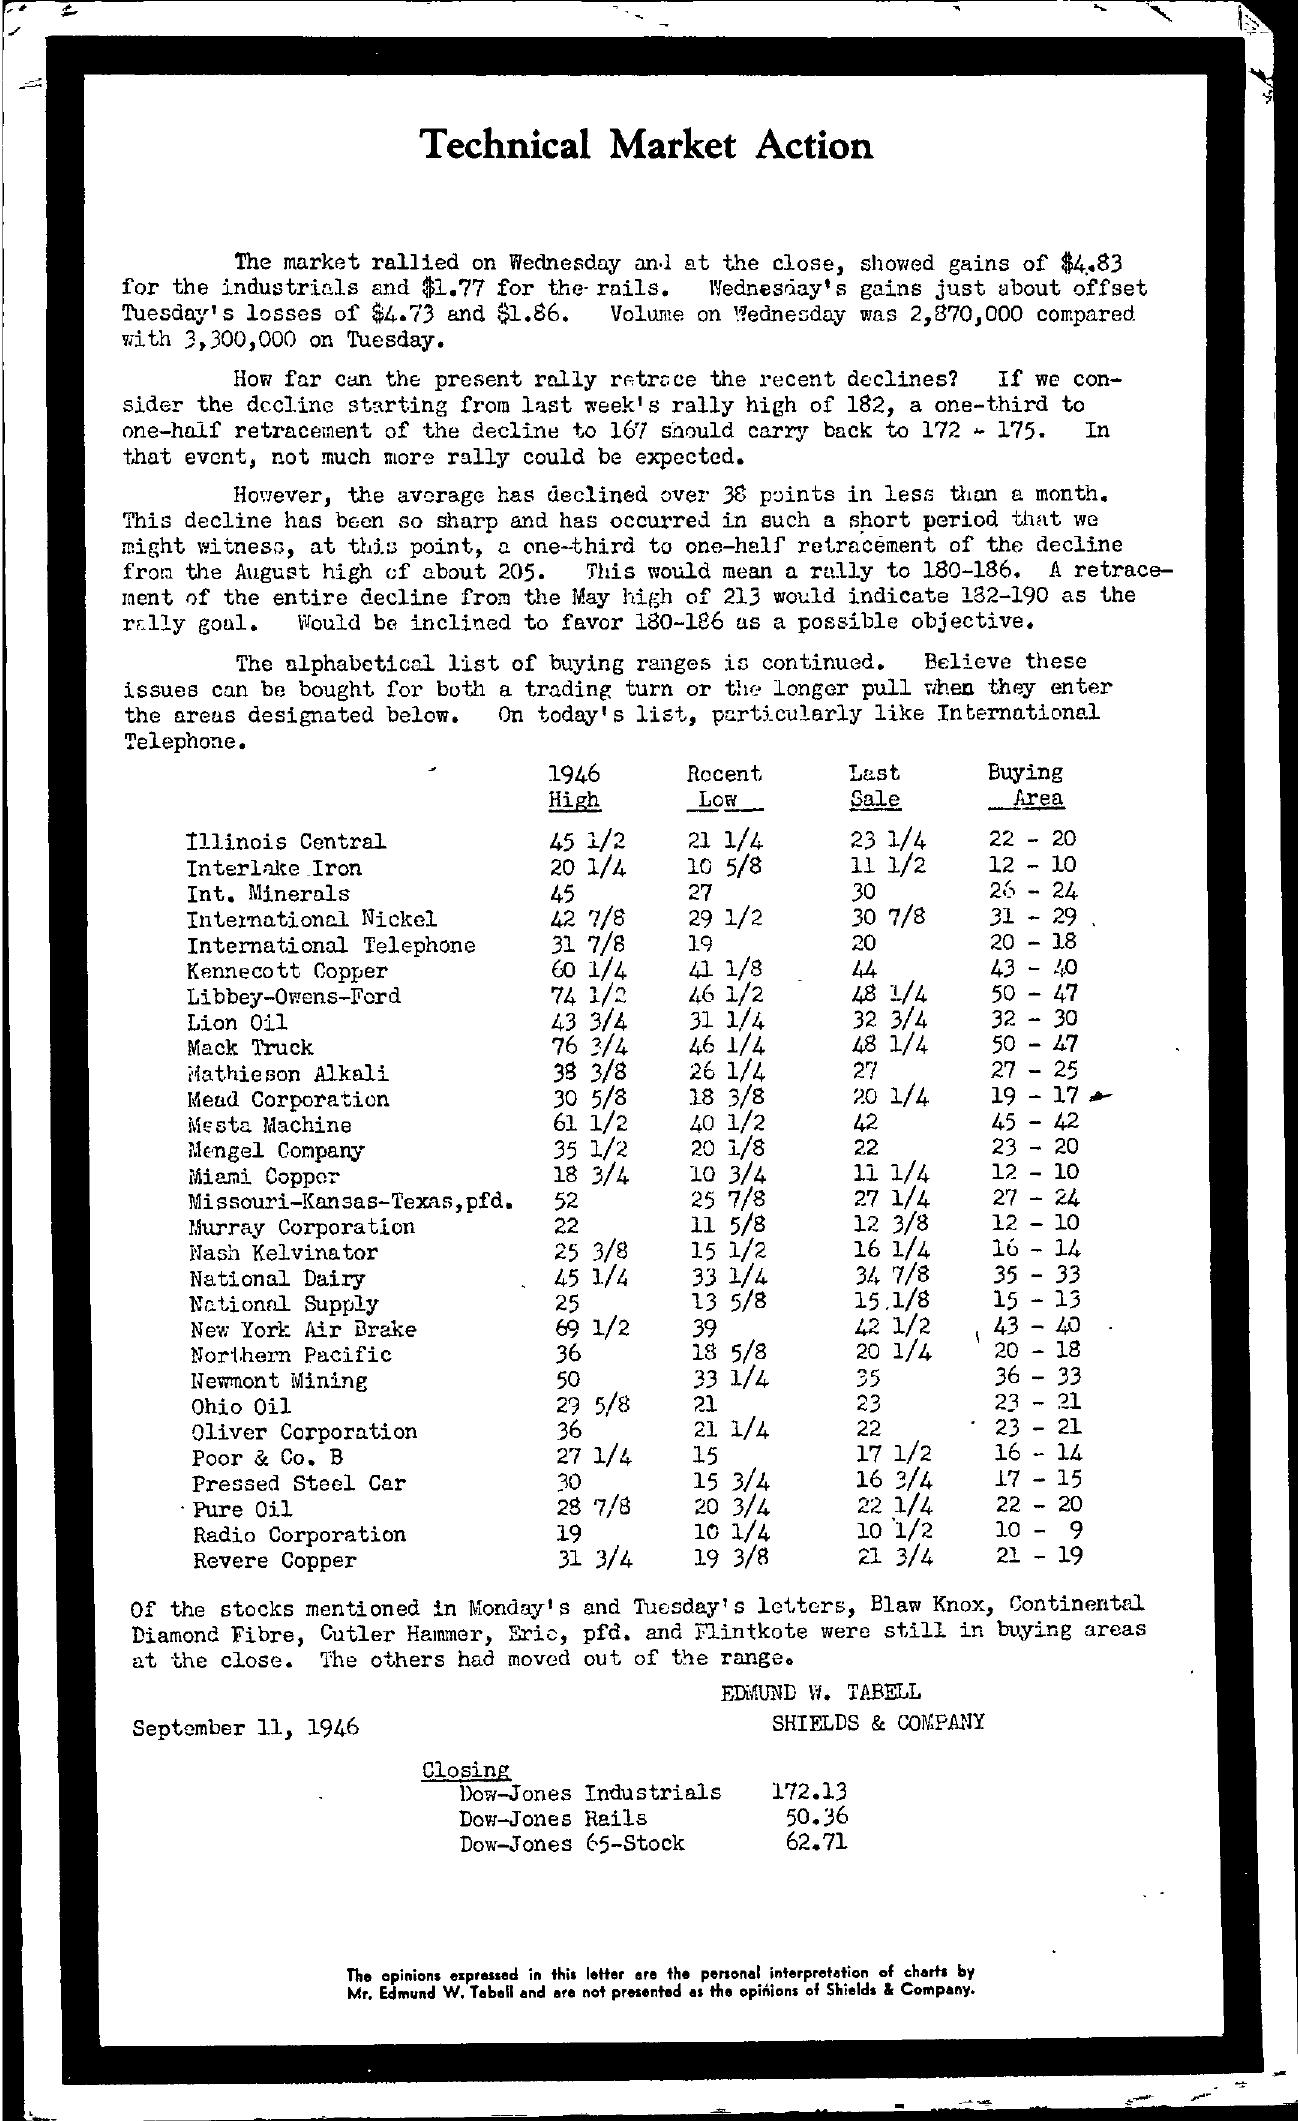 Tabell's Market Letter - September 11, 1946